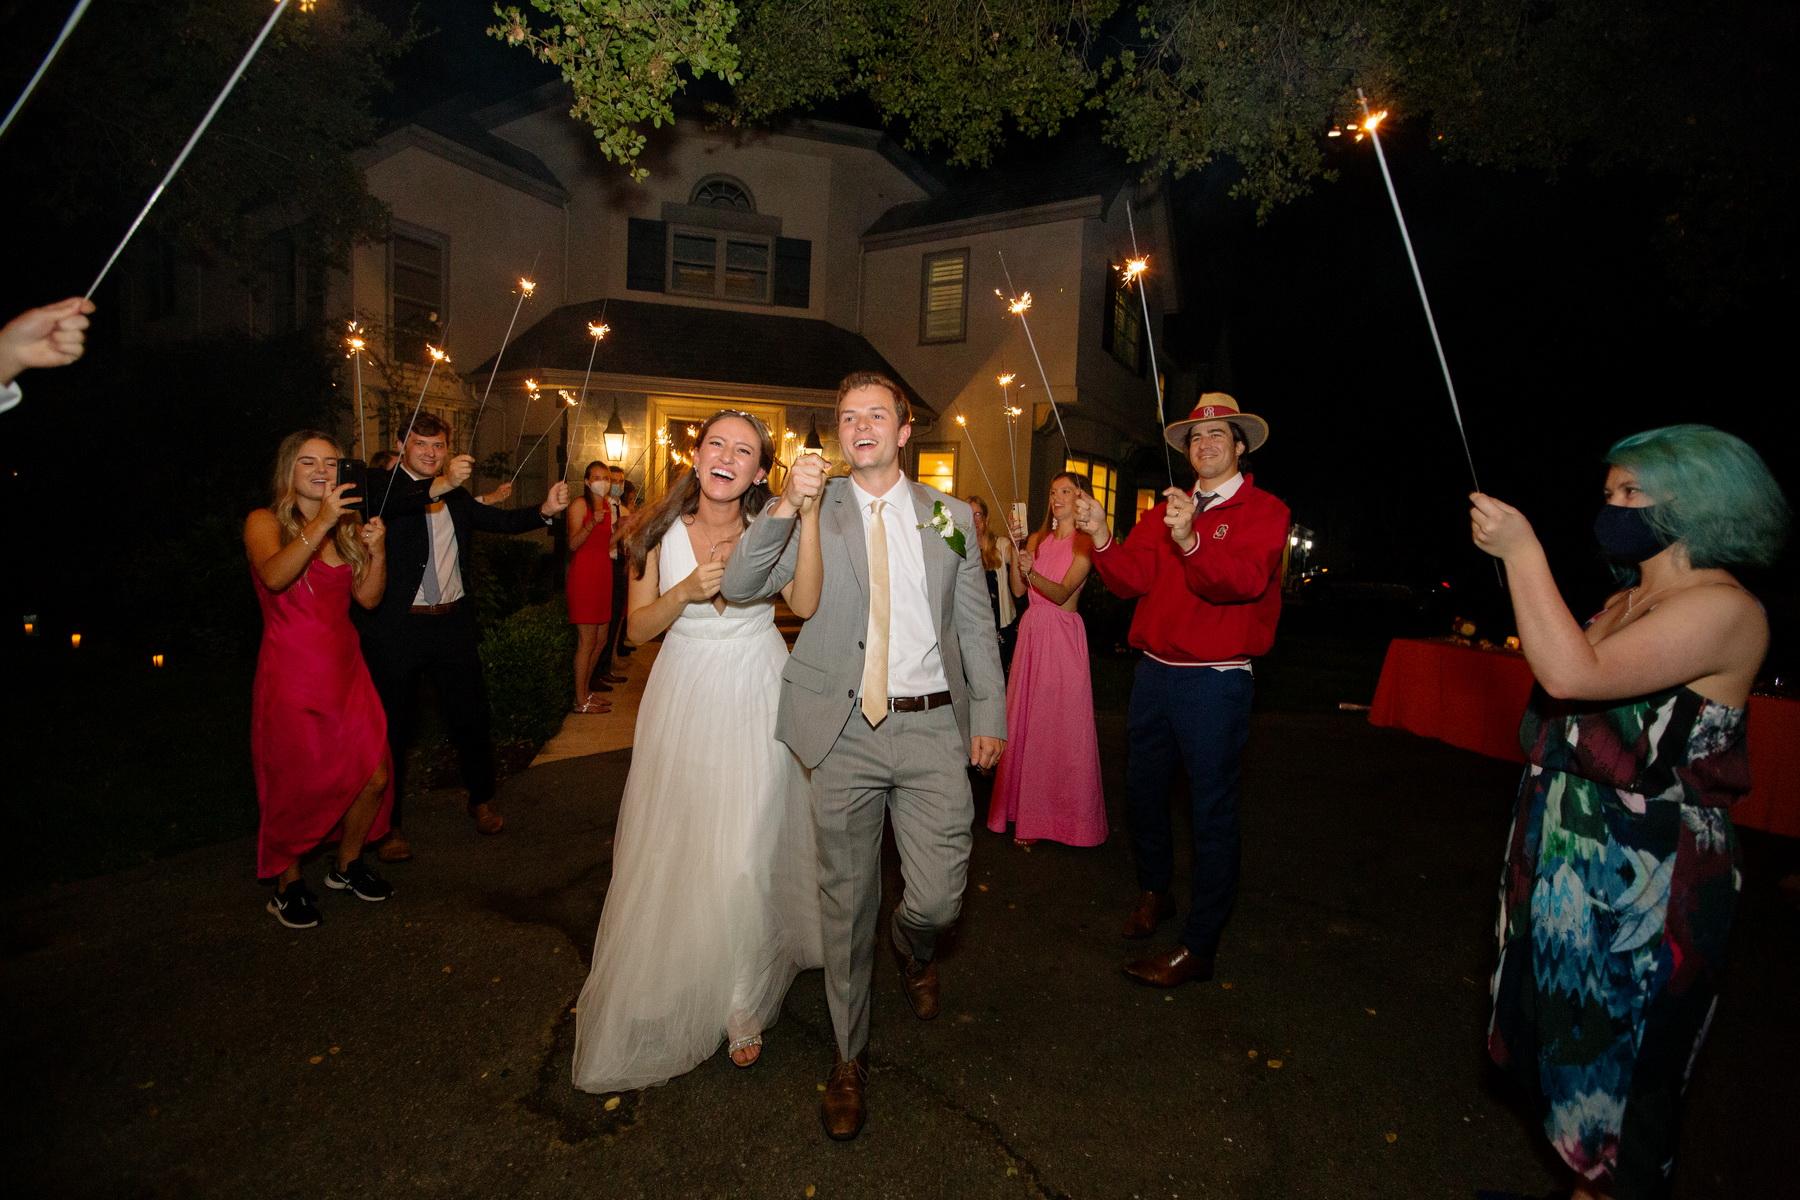 bride and groom leave wedding with sparkler sendoff